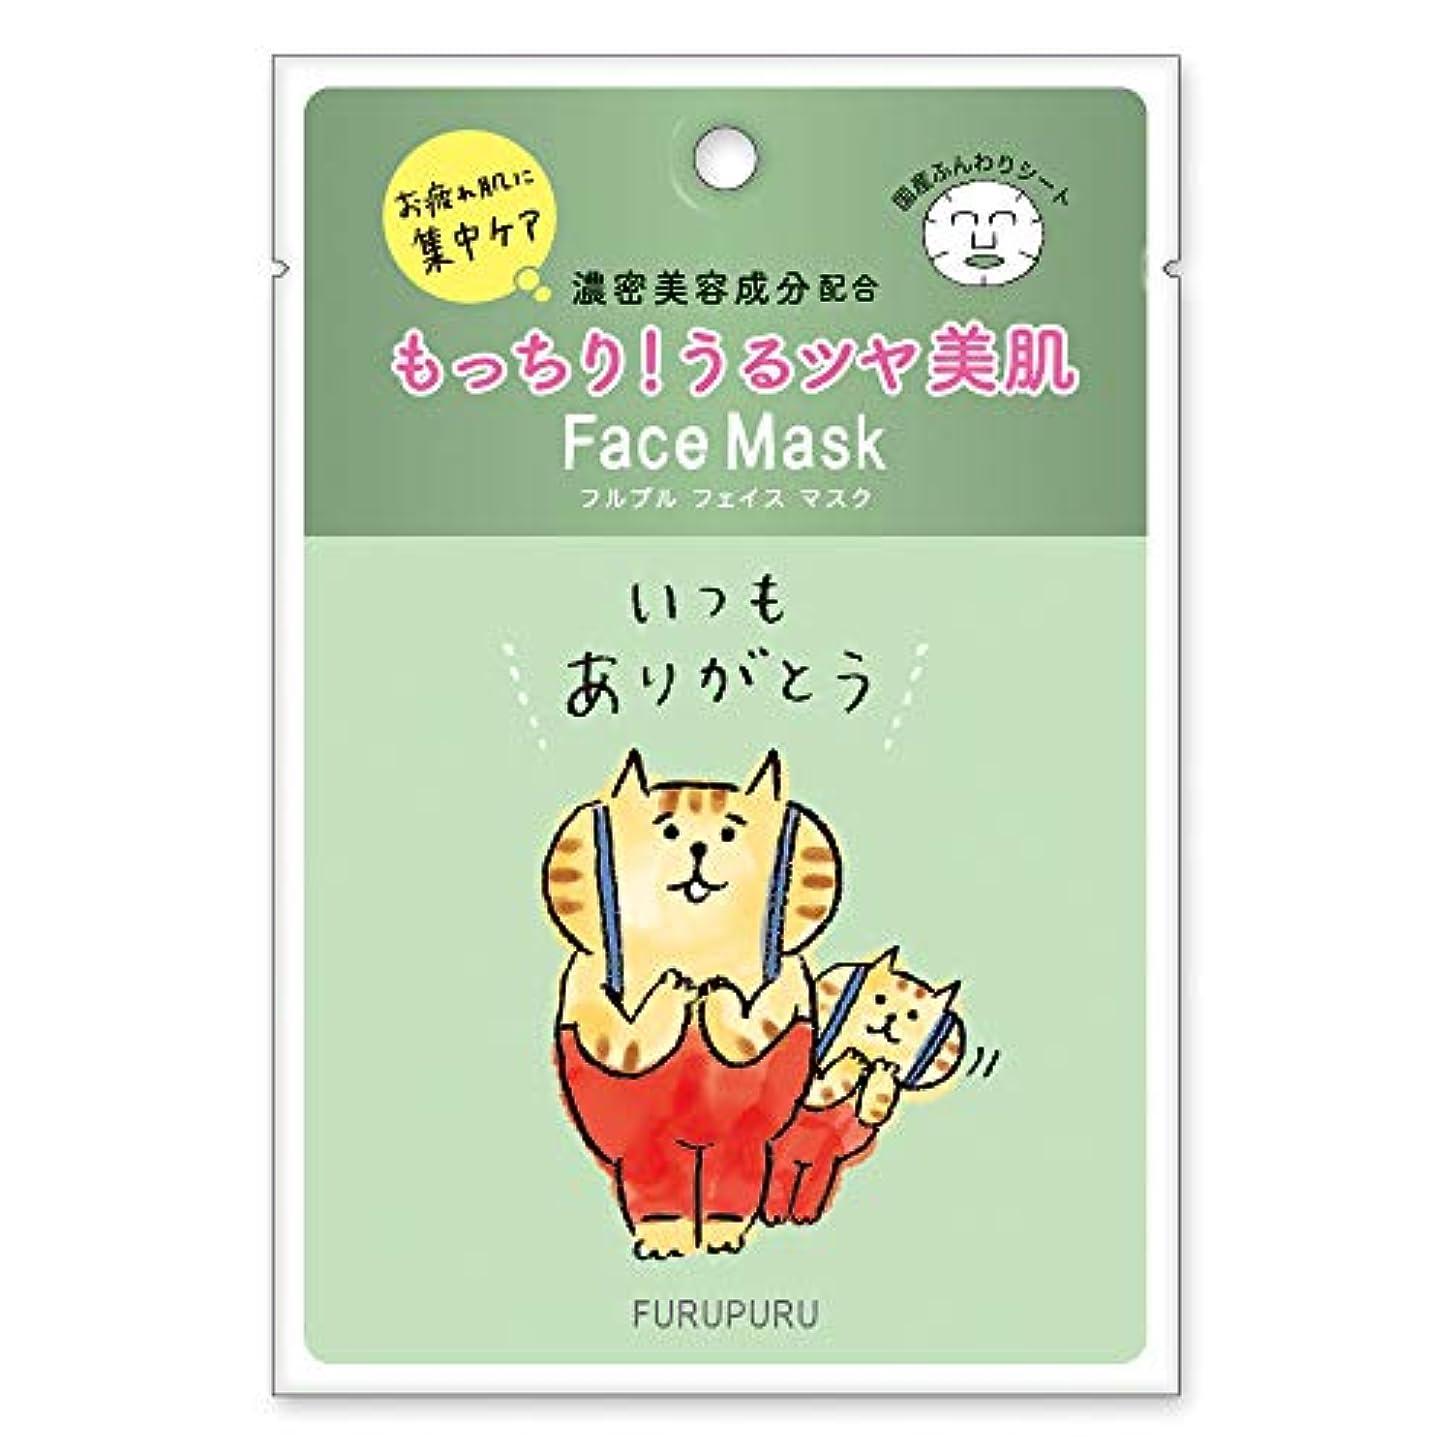 噂実業家接続フルプルフェイスマスク ごろごろにゃんすけ ありがとう やさしく香る天然ローズの香り 30g